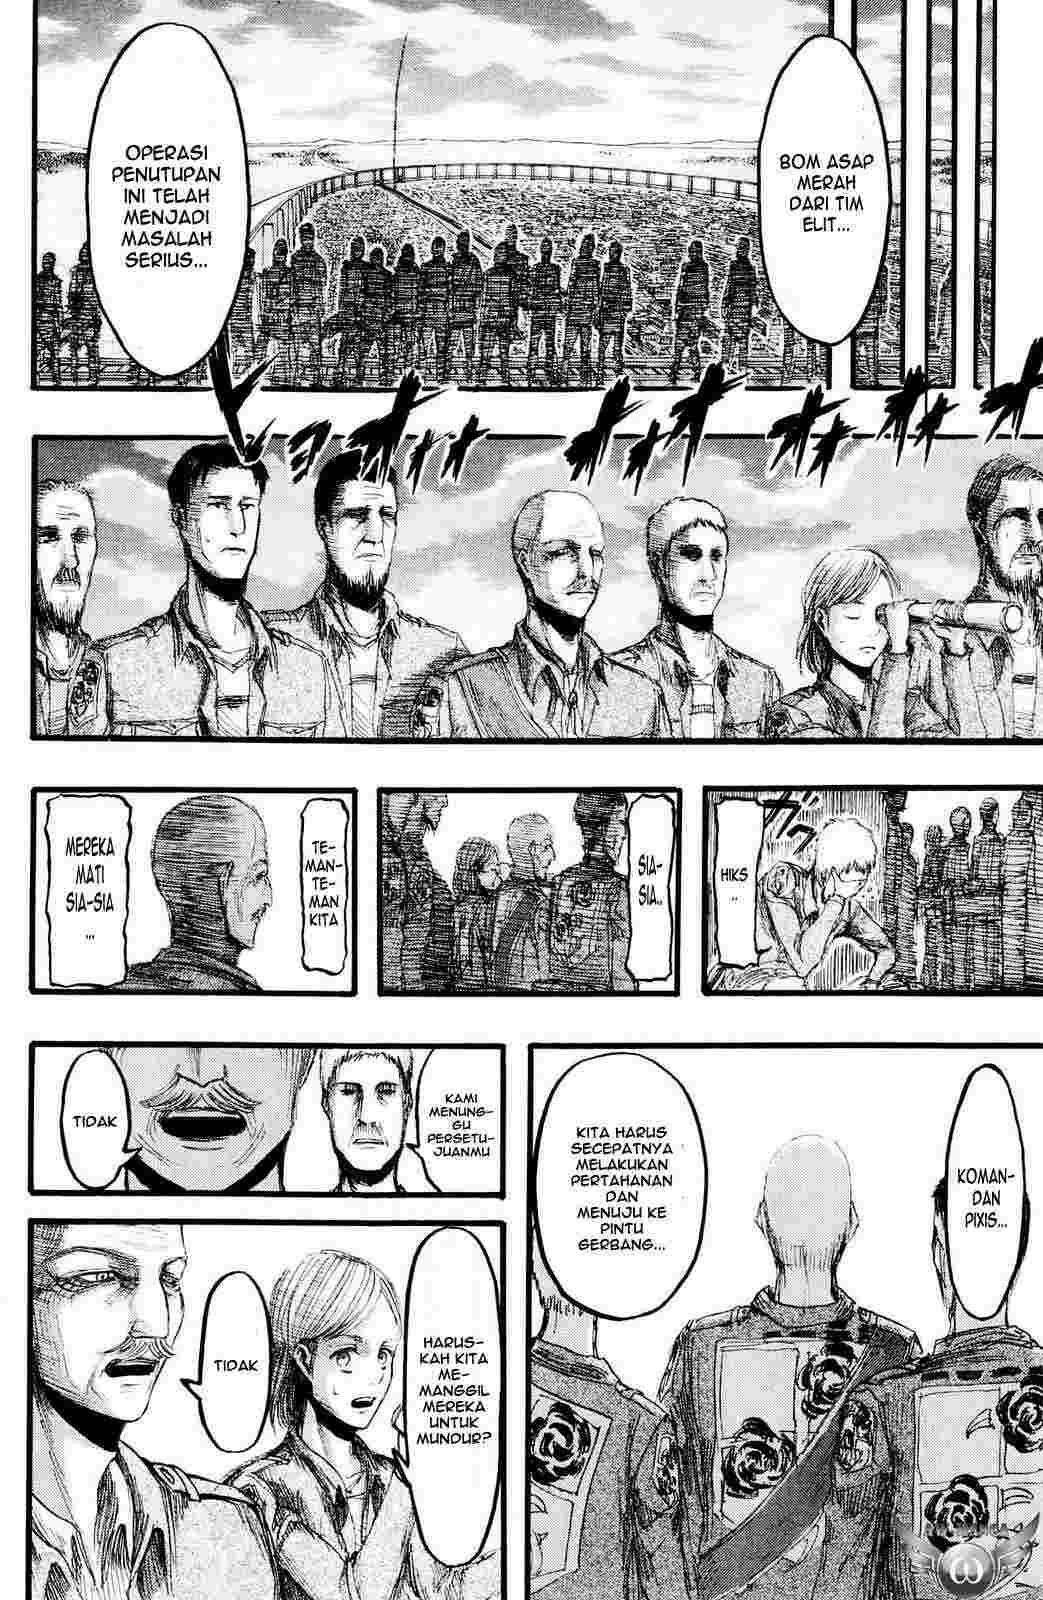 Komik shingeki no kyojin 013 - Luka 14 Indonesia shingeki no kyojin 013 - Luka Terbaru 11 Baca Manga Komik Indonesia Mangaku